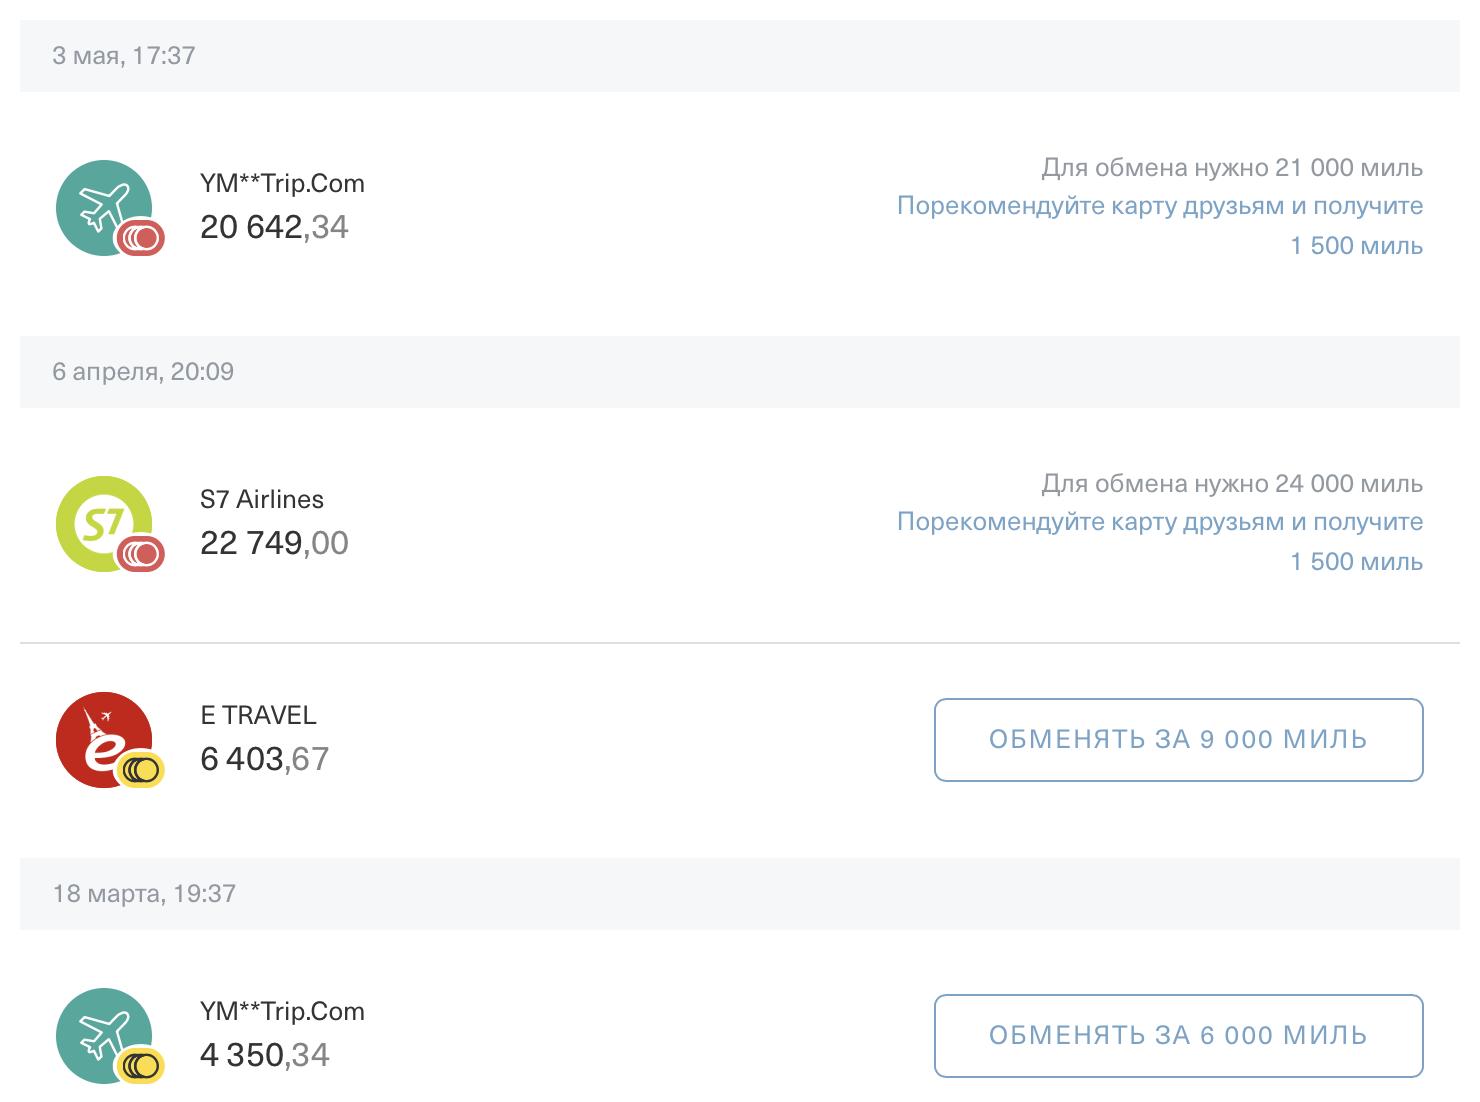 Как компенсировать билет милями All Airlines